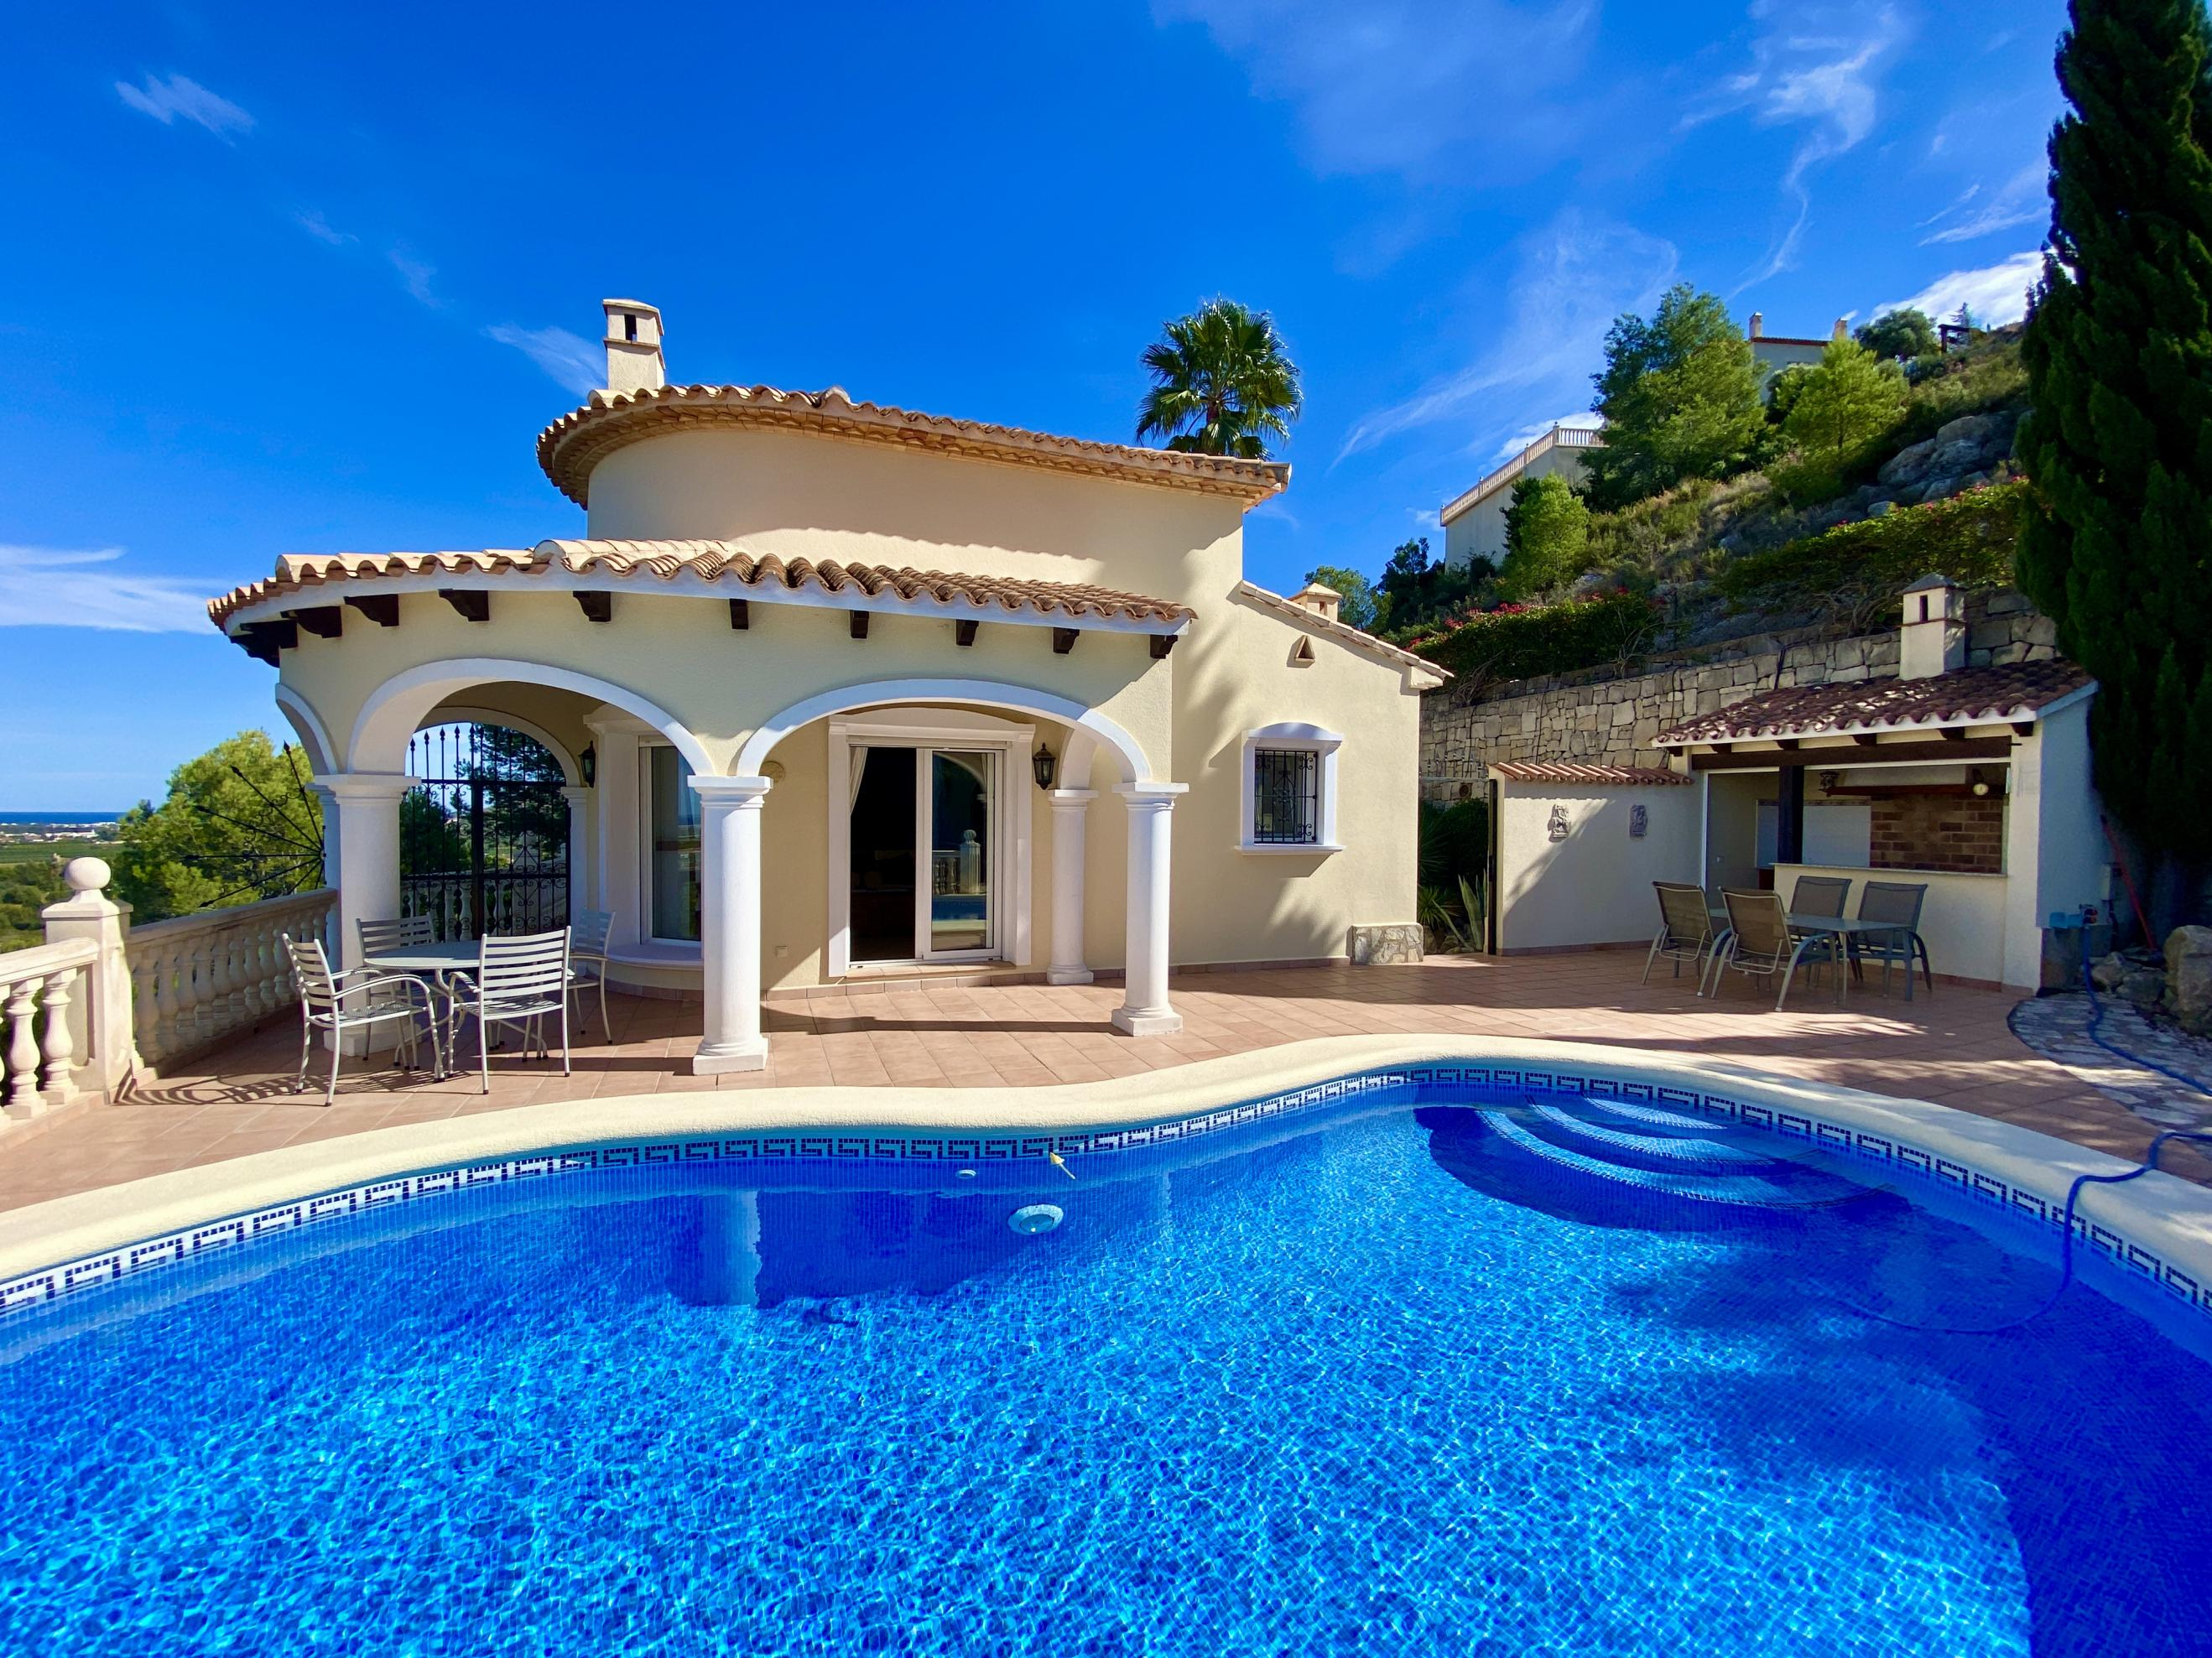 3 Bedroom Villa in La Sella